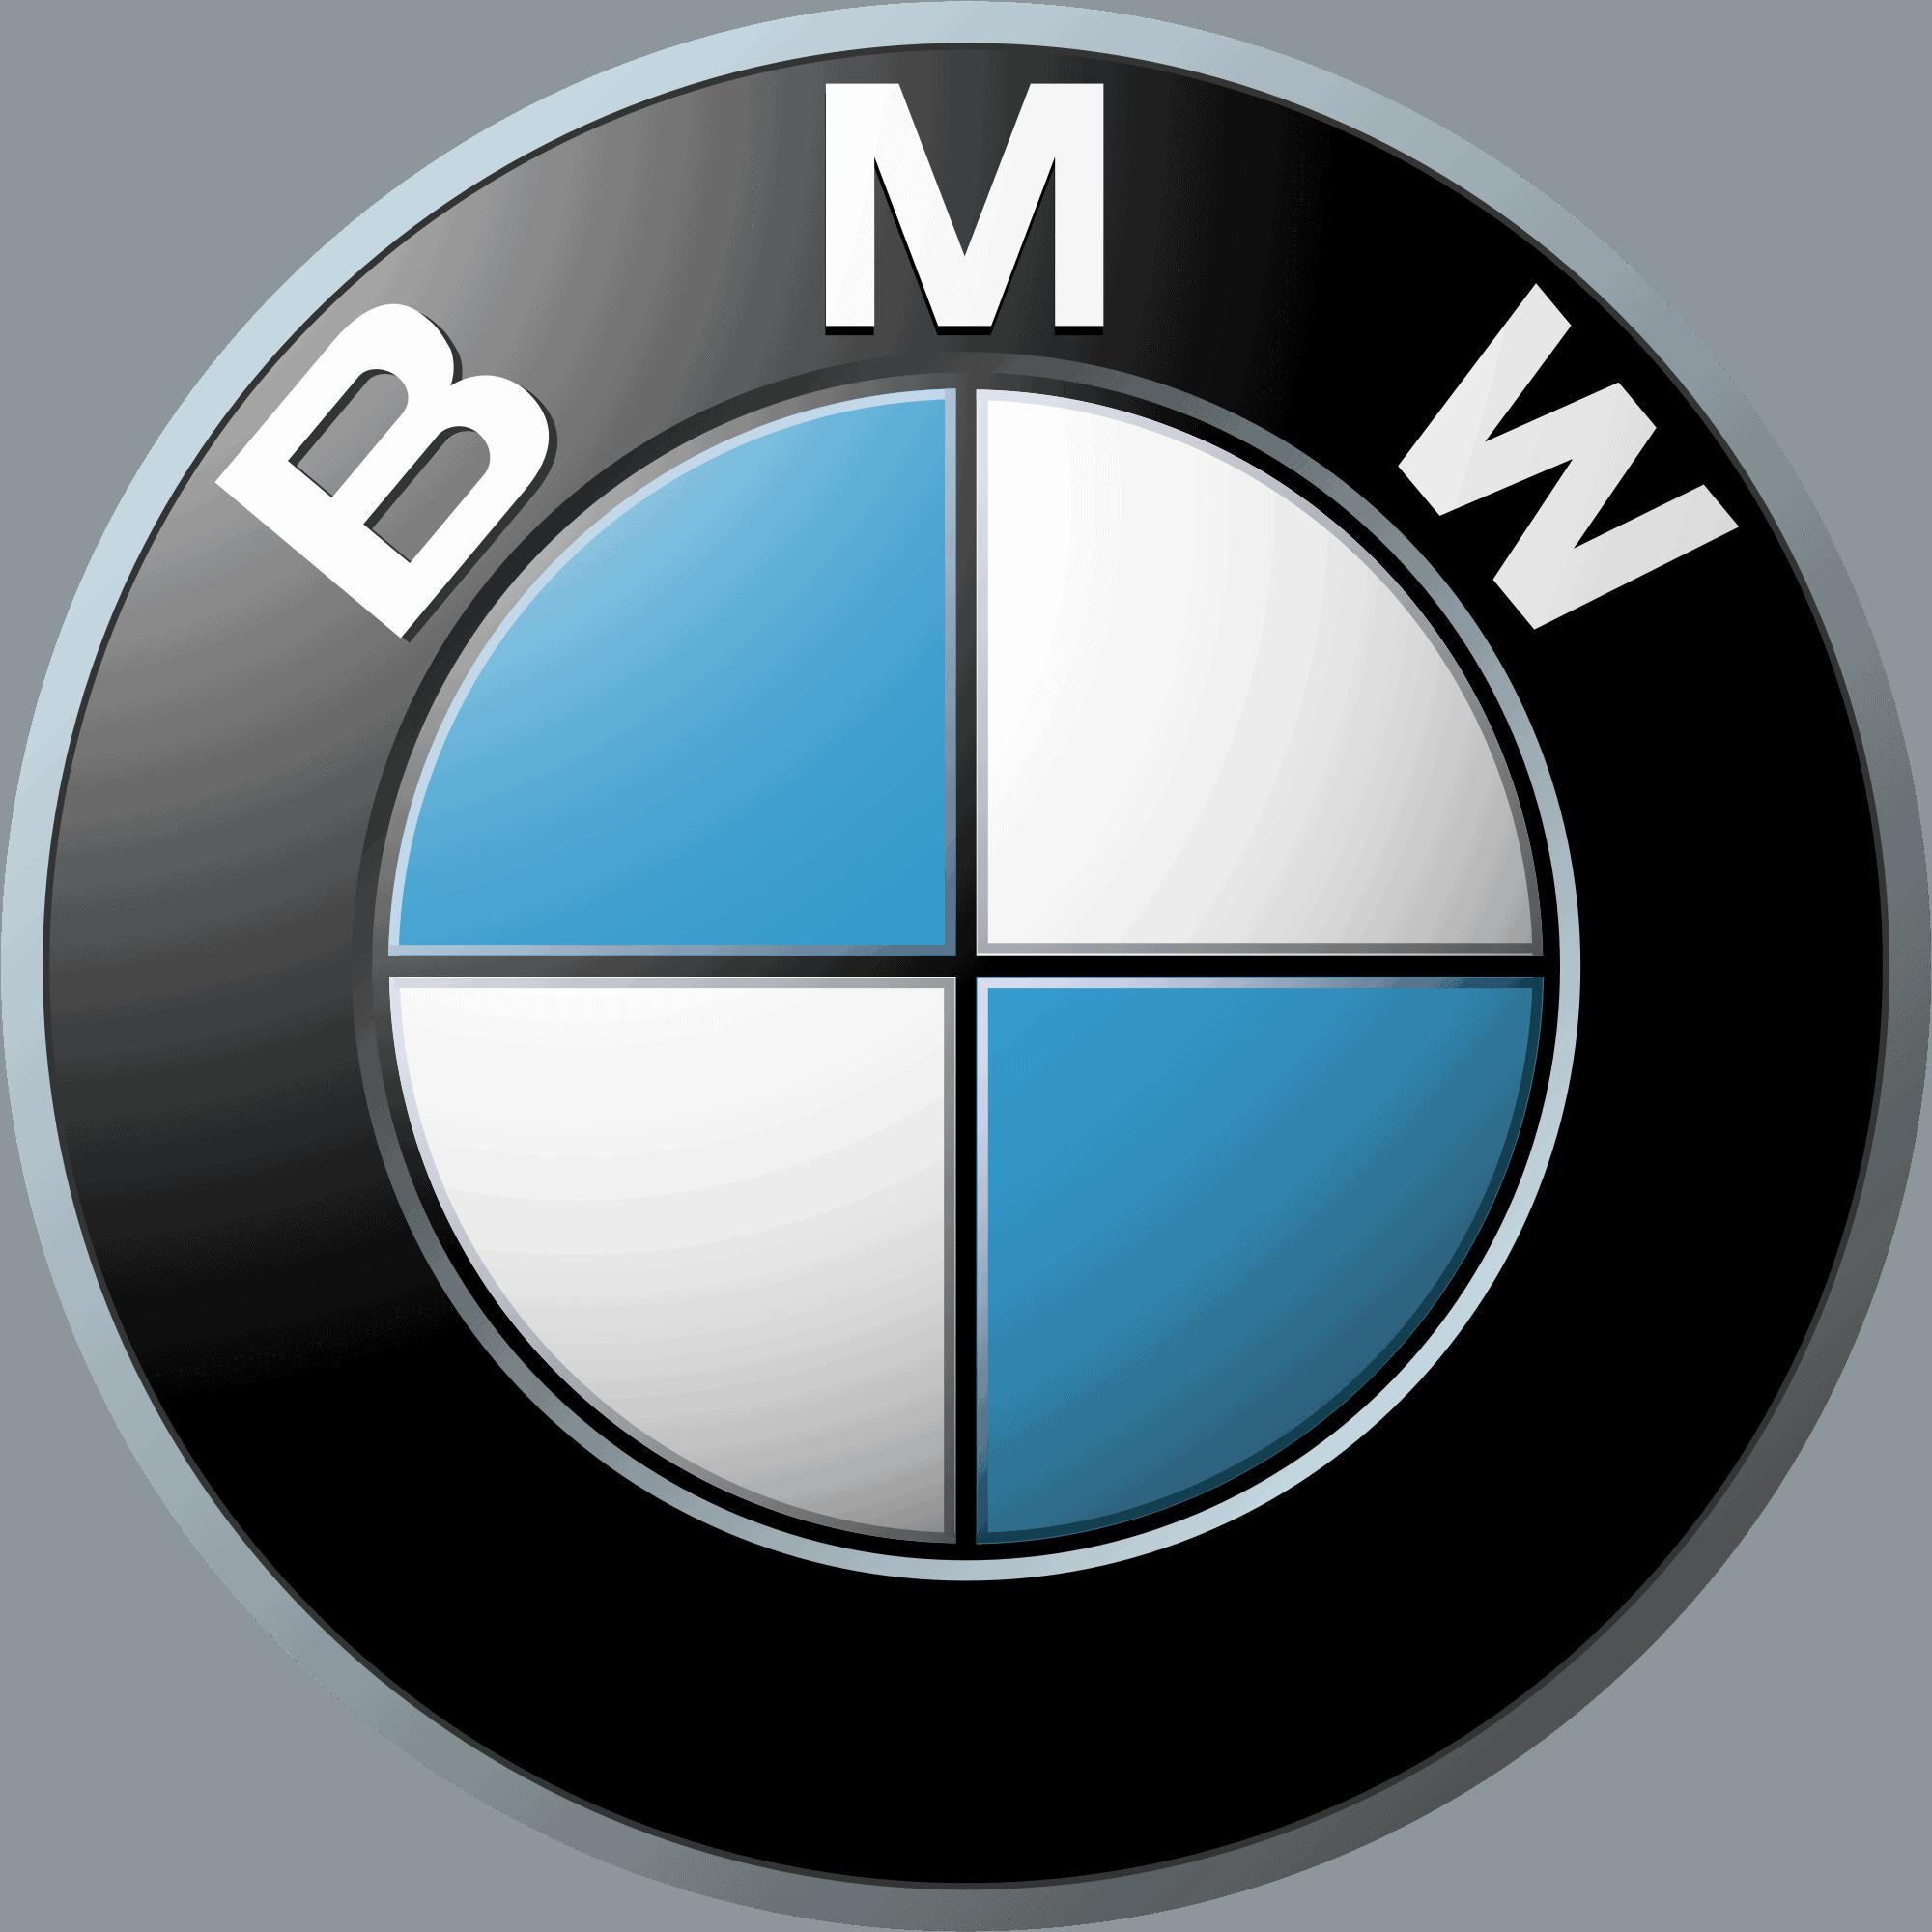 20-те най-известни марки коли и историята на тяхното лого - Muse Creativity студио за реклама и дизайн (15)